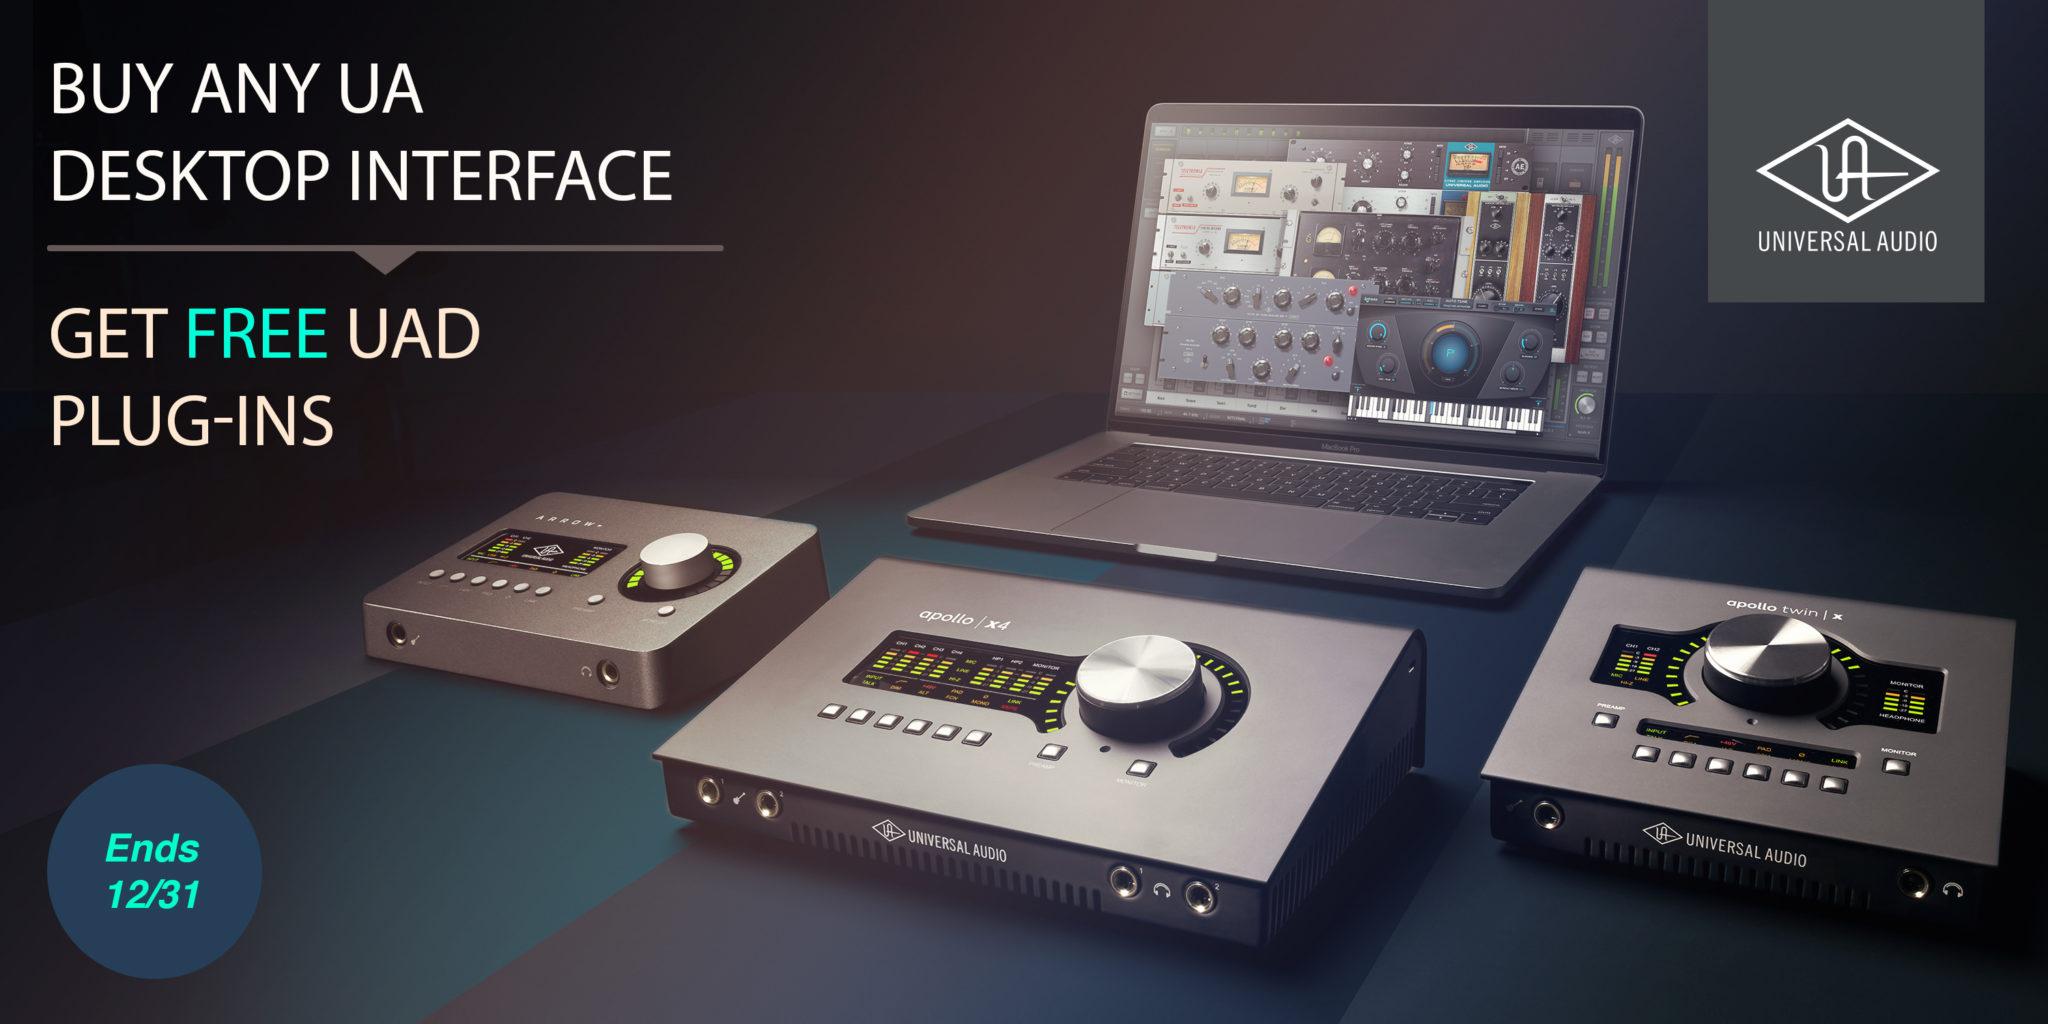 universal-audio-kampanja-Apollo-äänikortti